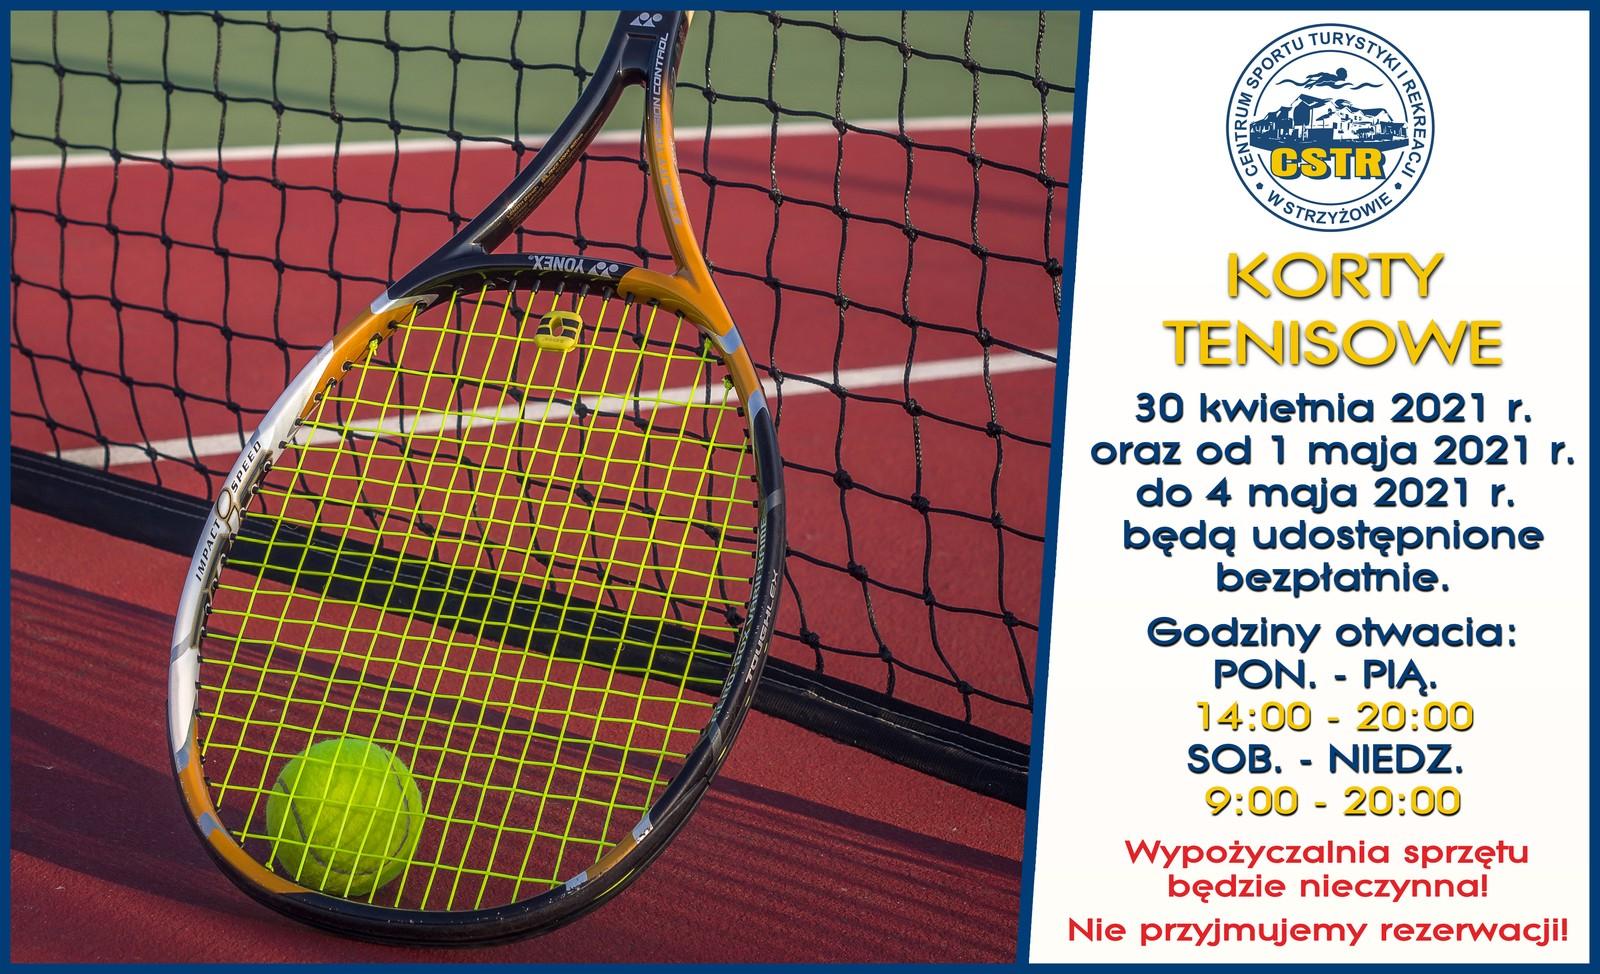 Korty tenisowe 30 kwietnia 2021 r. oraz od 1 maja 2021 r. do 4 maja 2021 r. będą udostępnione bezpłatnie. Godziny otwarcia: poniedziałek - piątek: 14:00 - 20:00 sobota - niedziela: 9:00 - 20:00 W tym okrezie wypożyczalnie sprzętu będzie nieczynna jak również nie będziemy przyjmować rezerwacji.